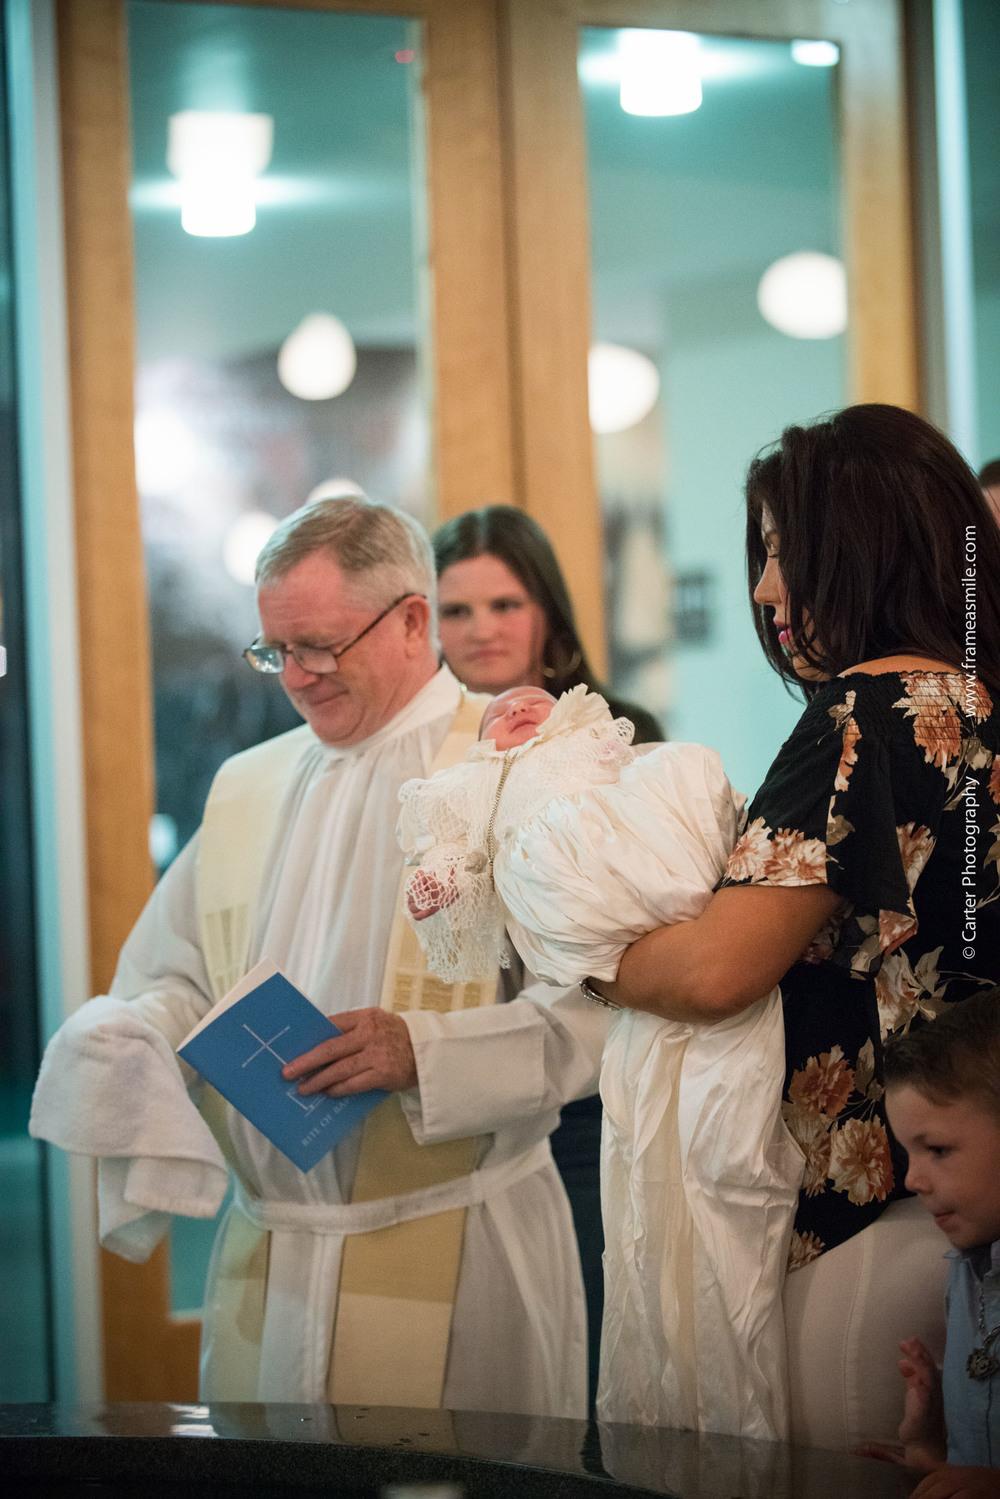 CarterPhotogreekorthadoxbaptism--92.jpg